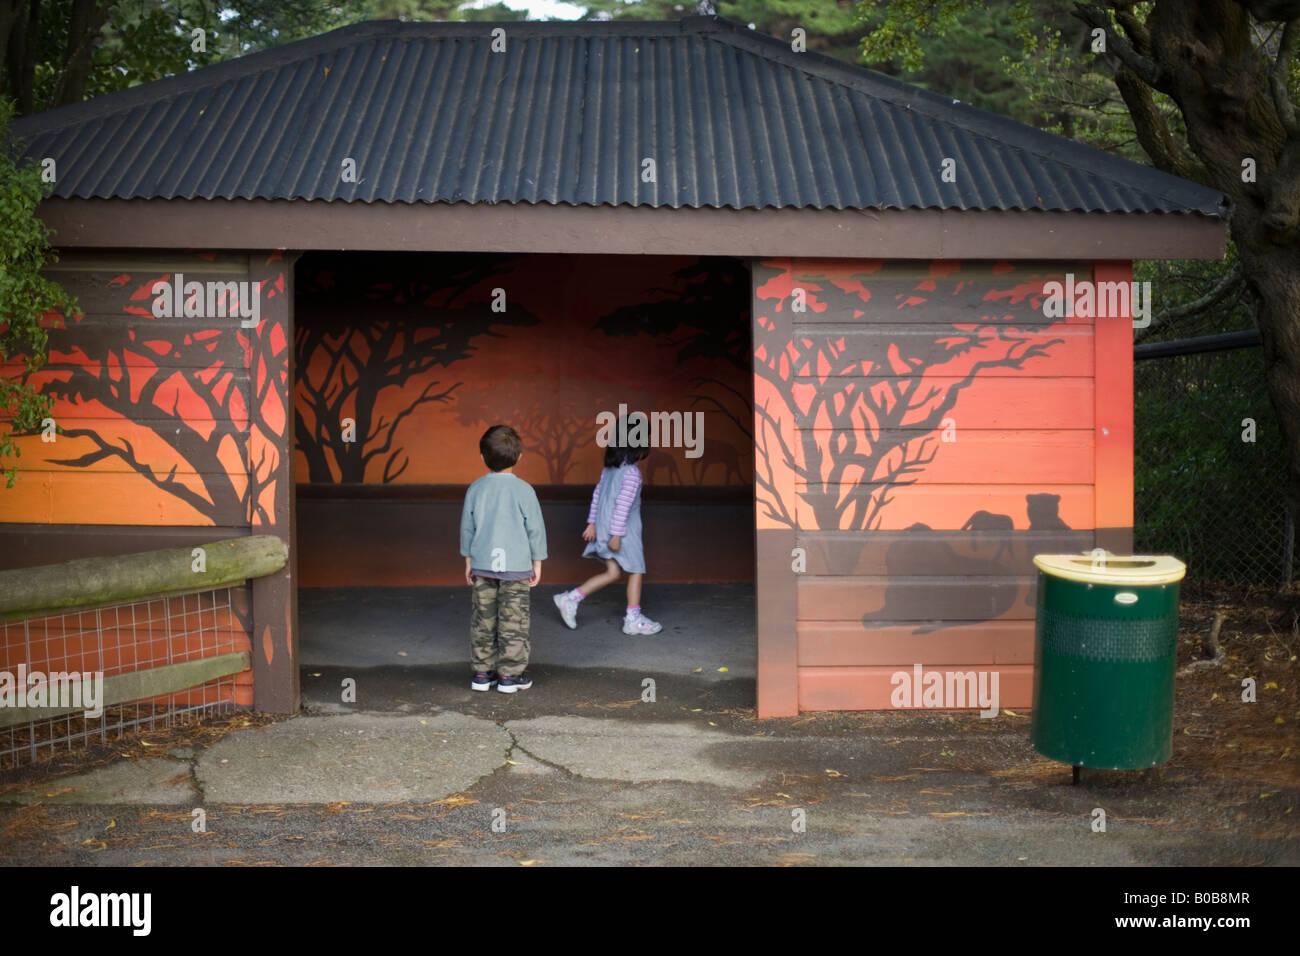 Garçon de 6 ans et sa sœur âgée de 4 ans d'explorer un refuge au zoo de Wellington, Nouvelle Zélande Banque D'Images